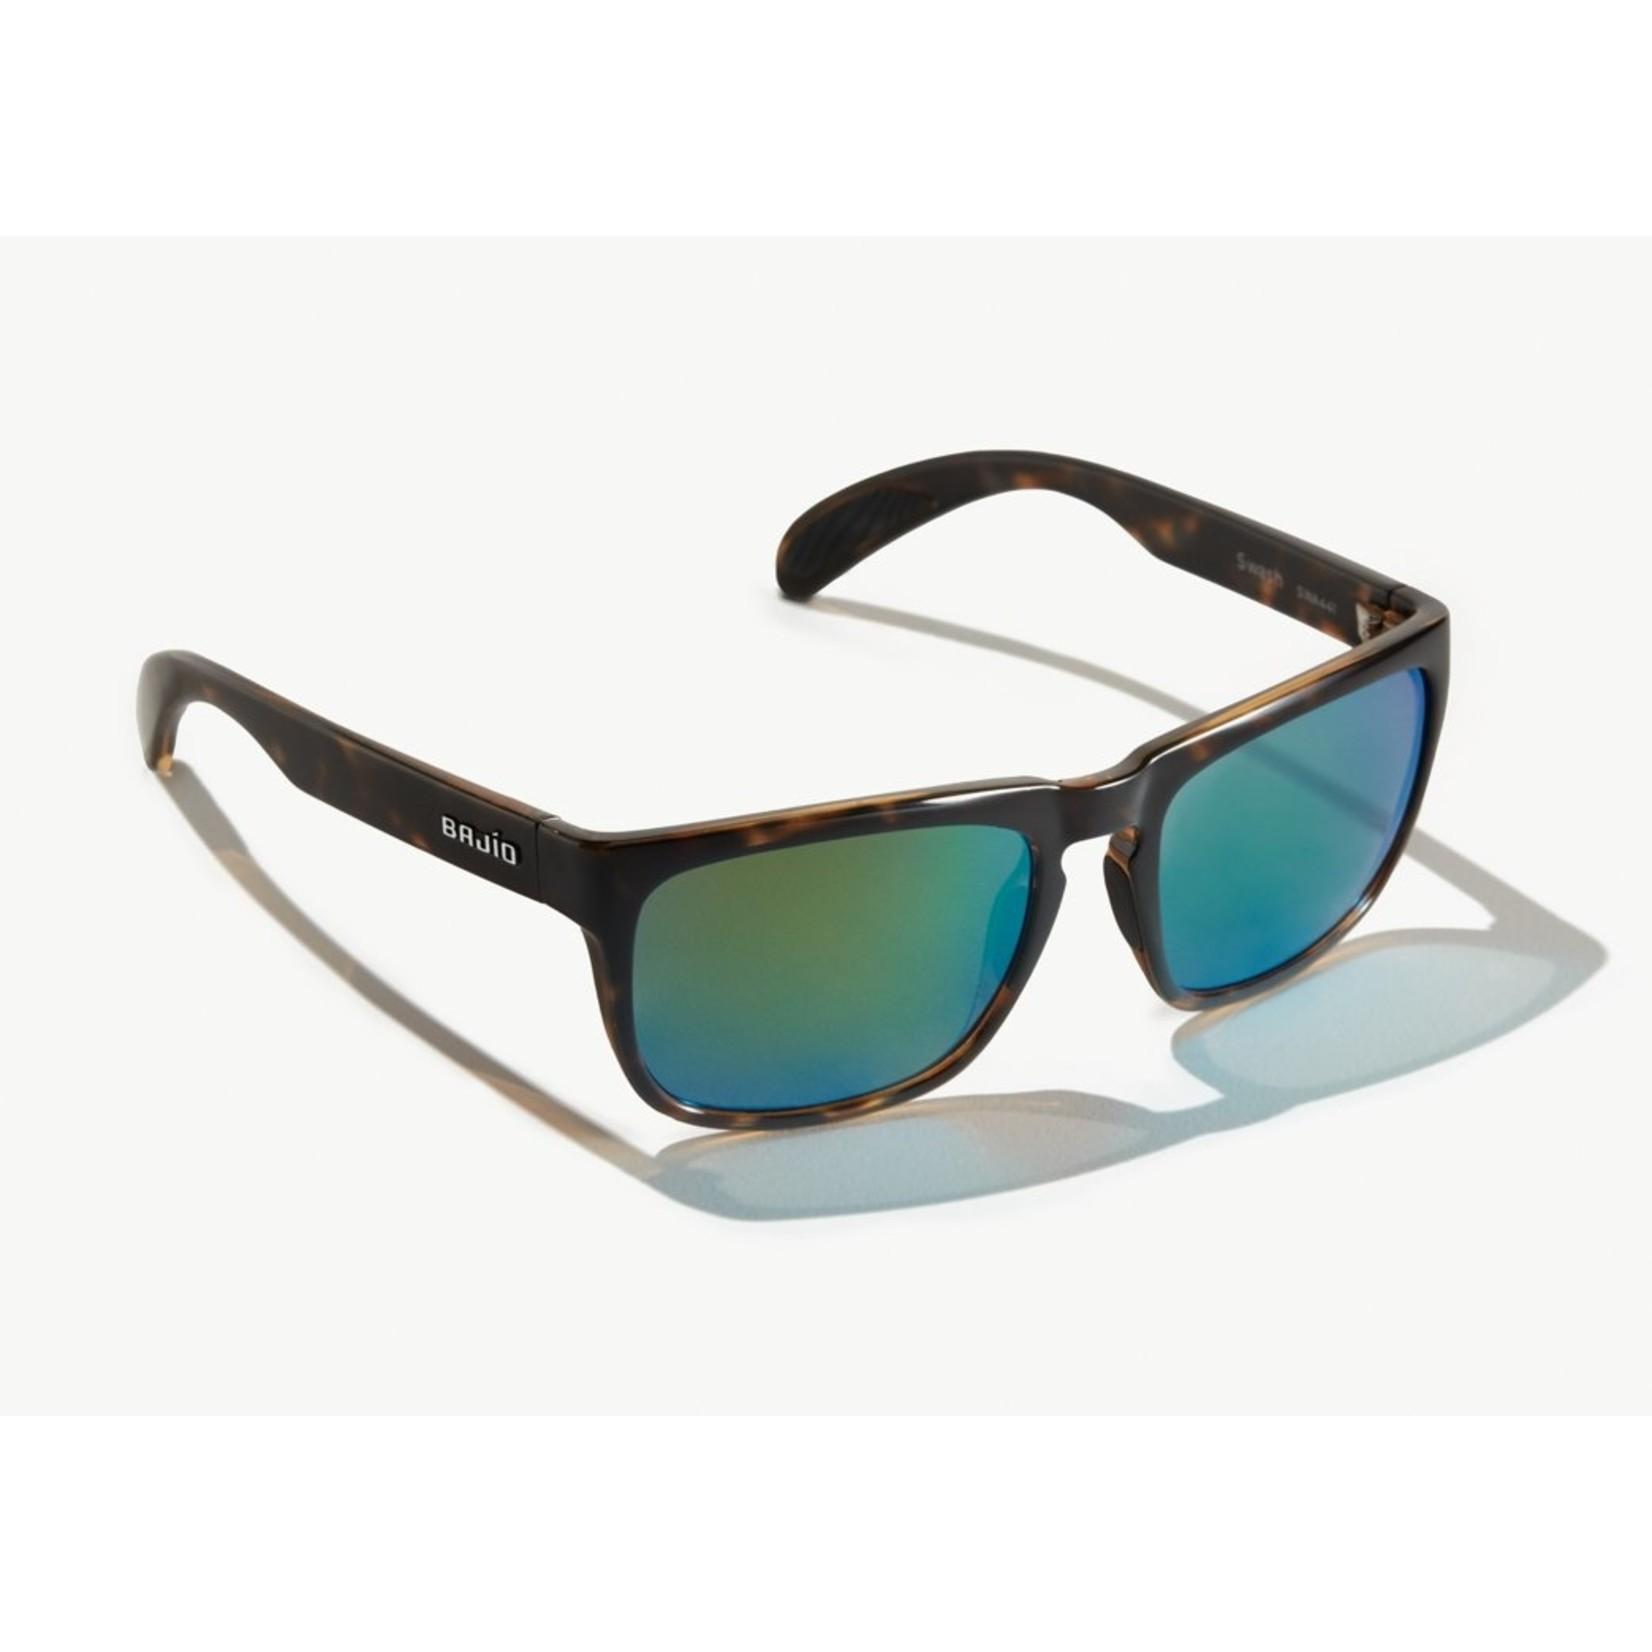 Bajio Bajio Swash Polarized Sunglasses